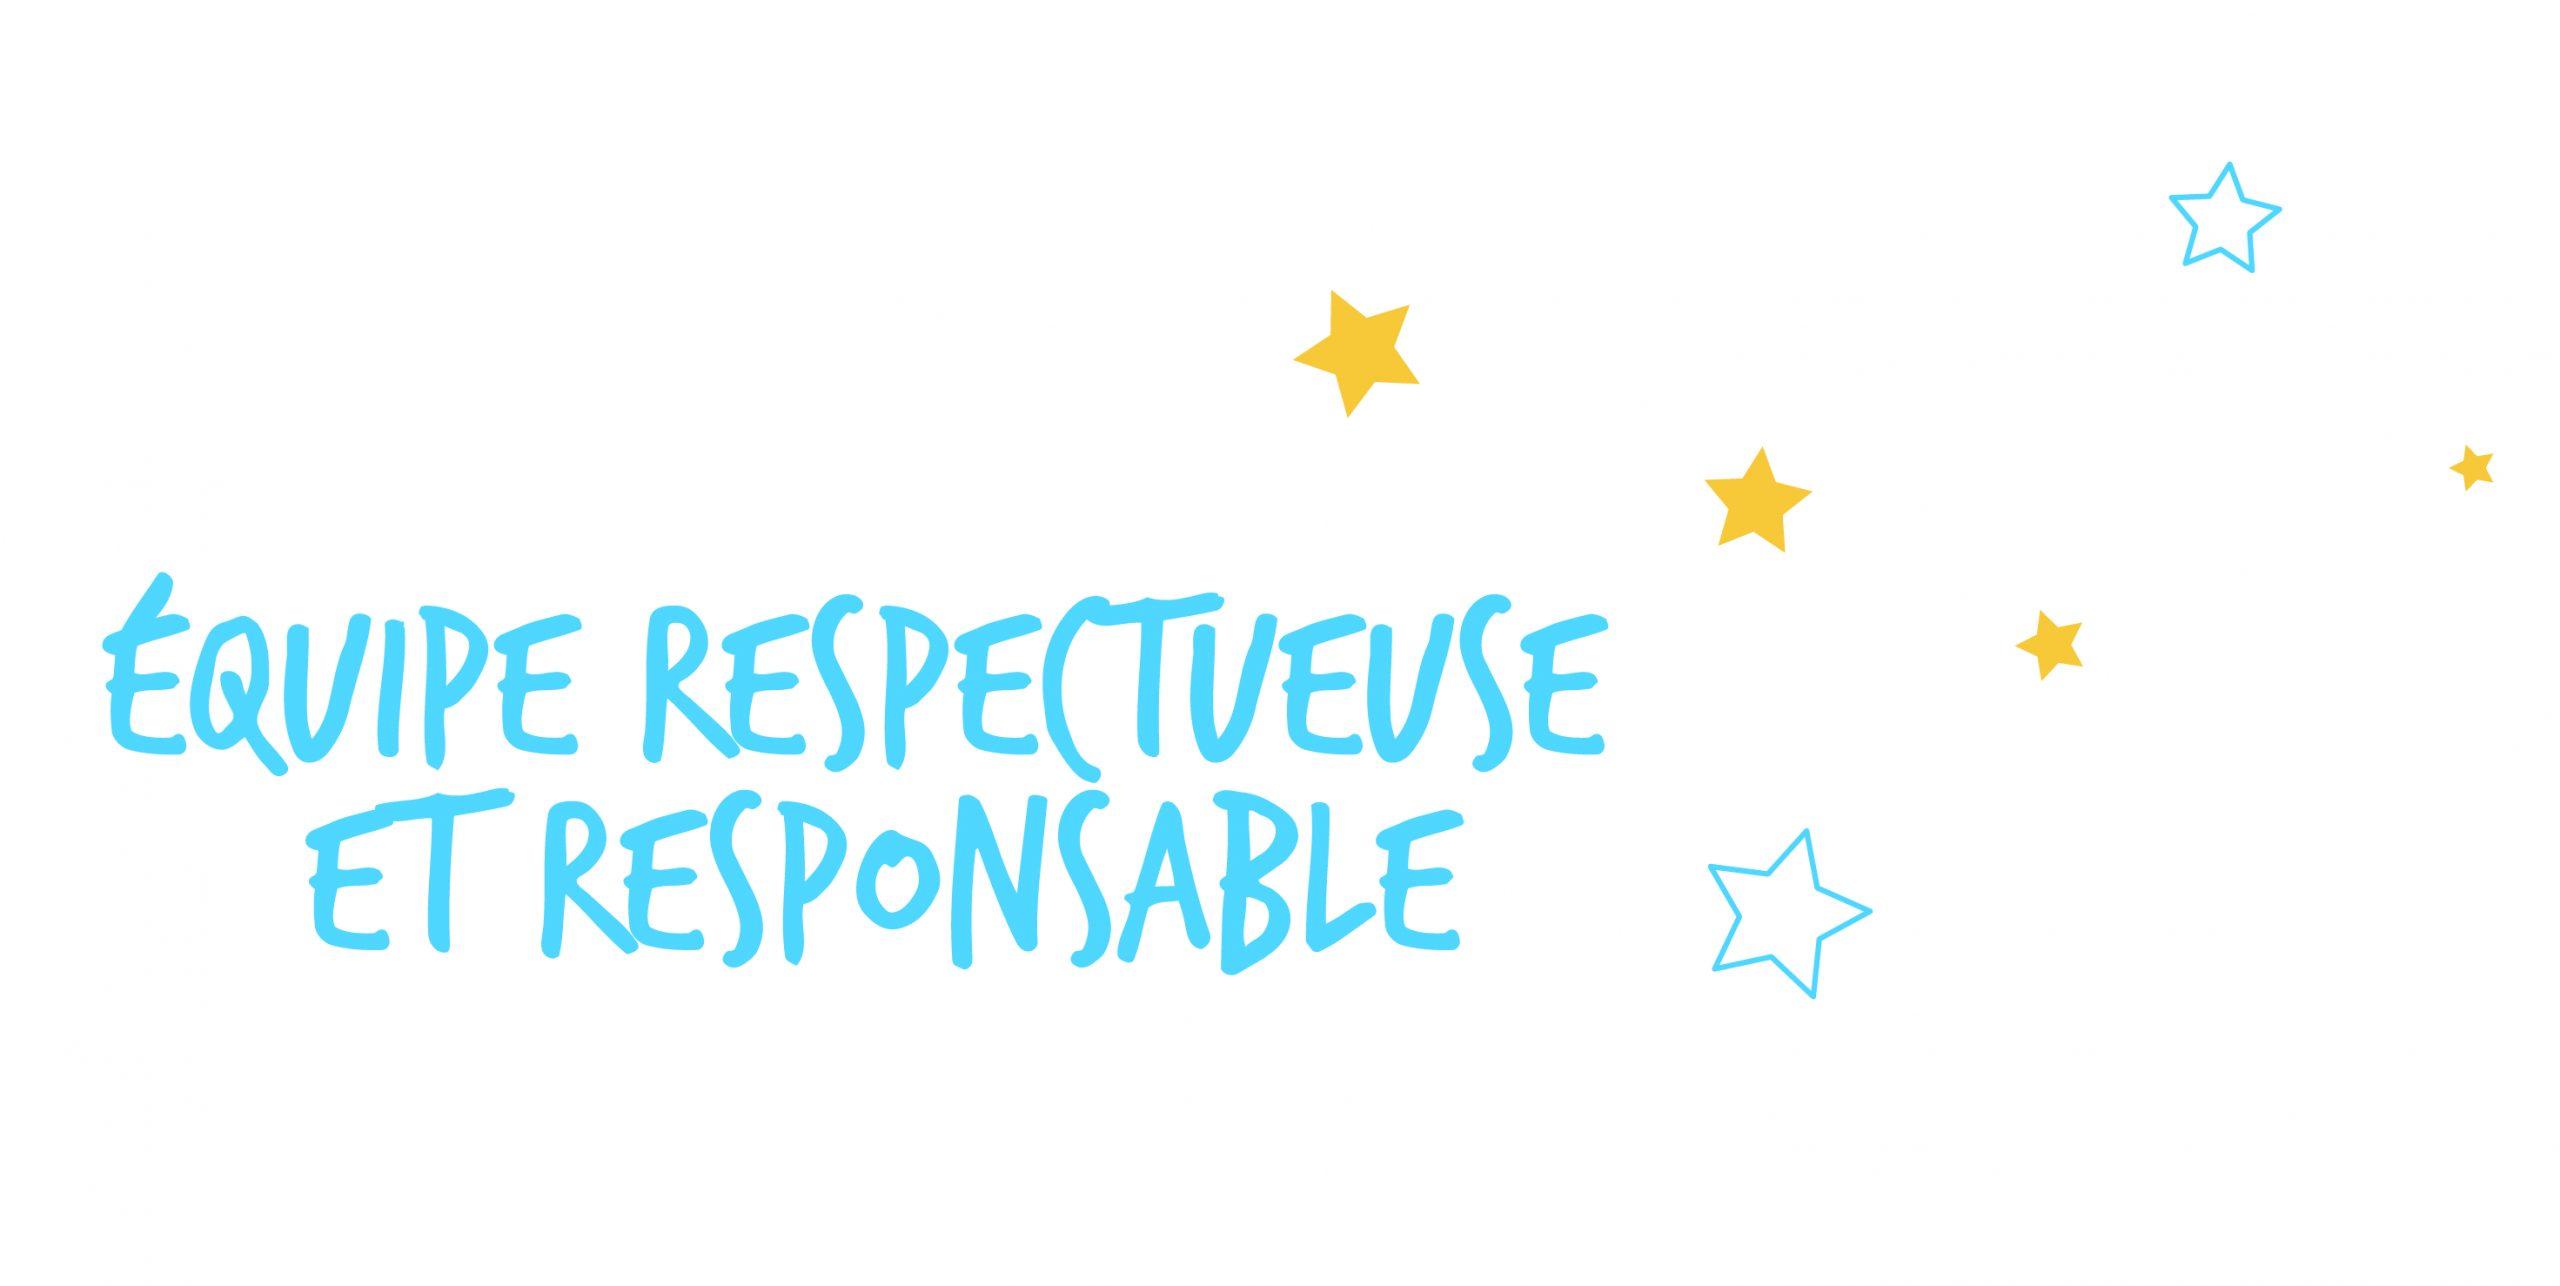 Équipe respectueuse et responsable